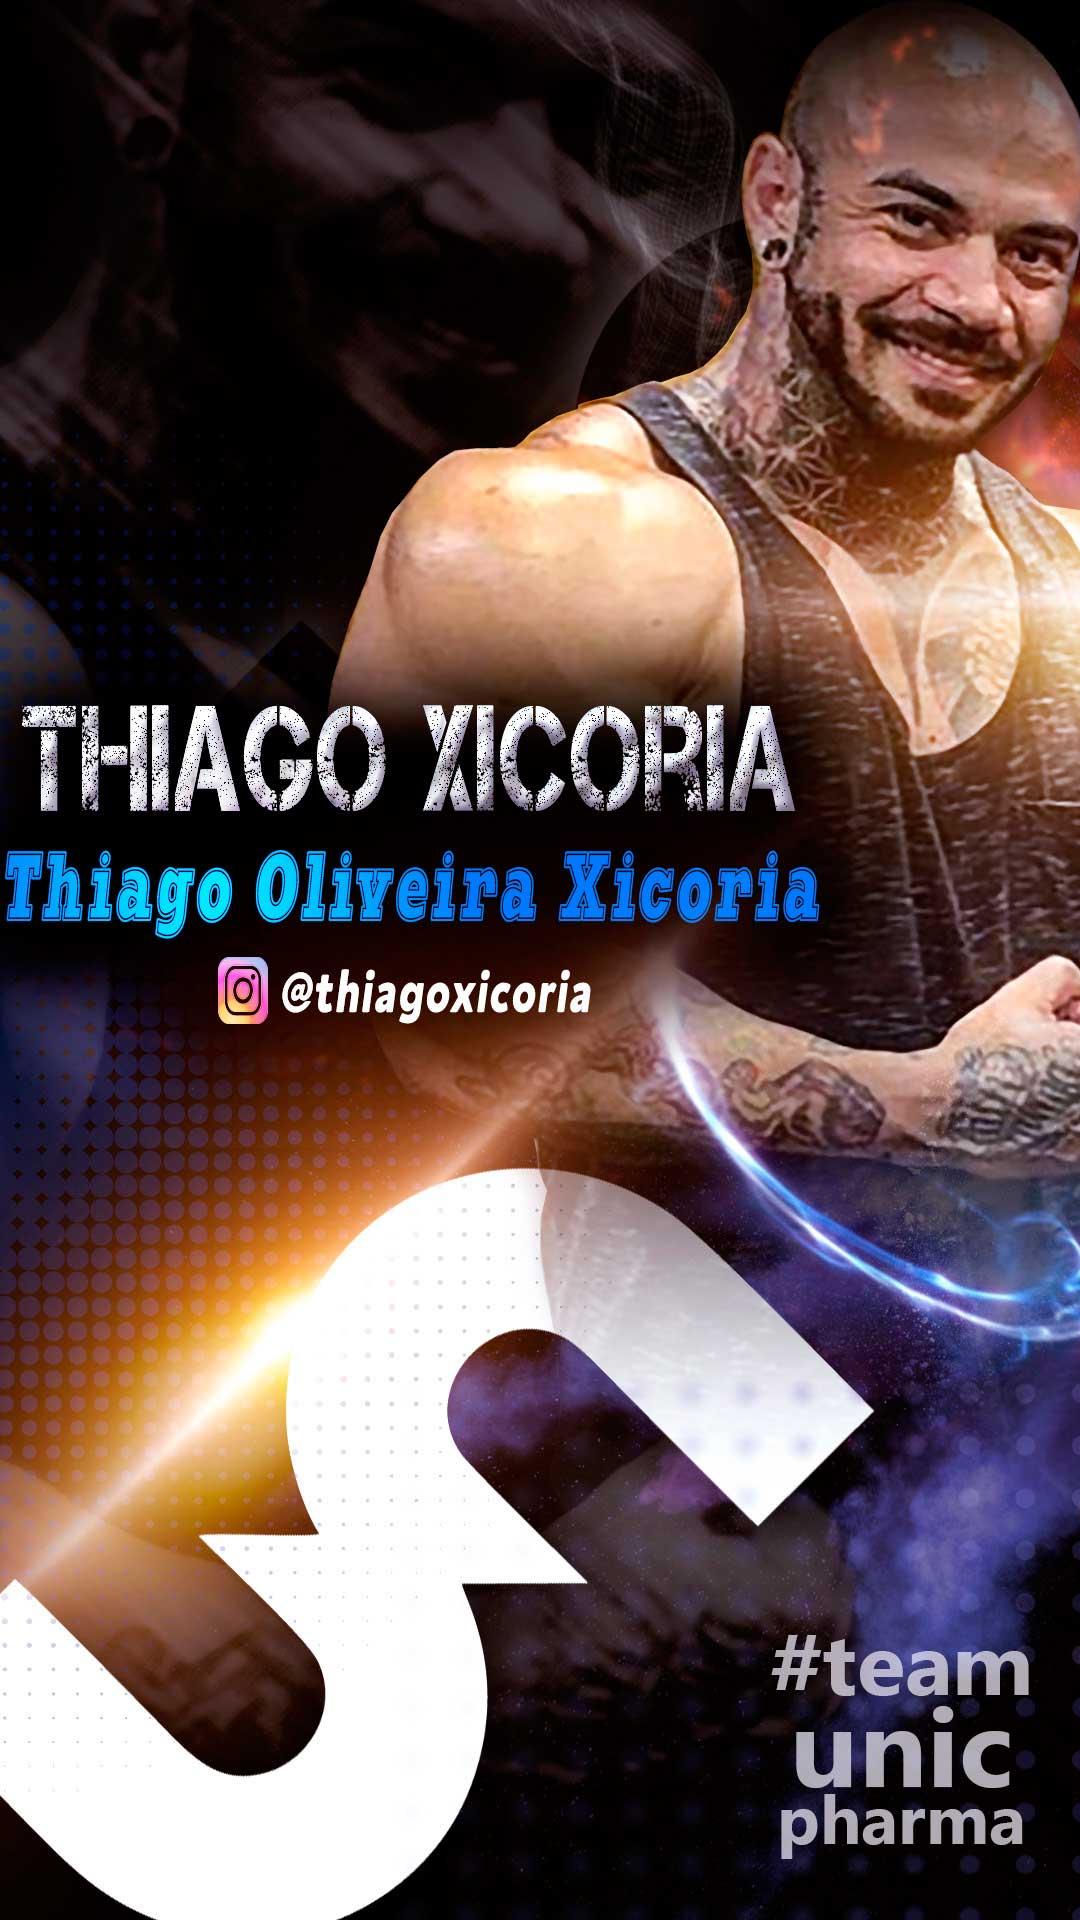 thiago-xicoria